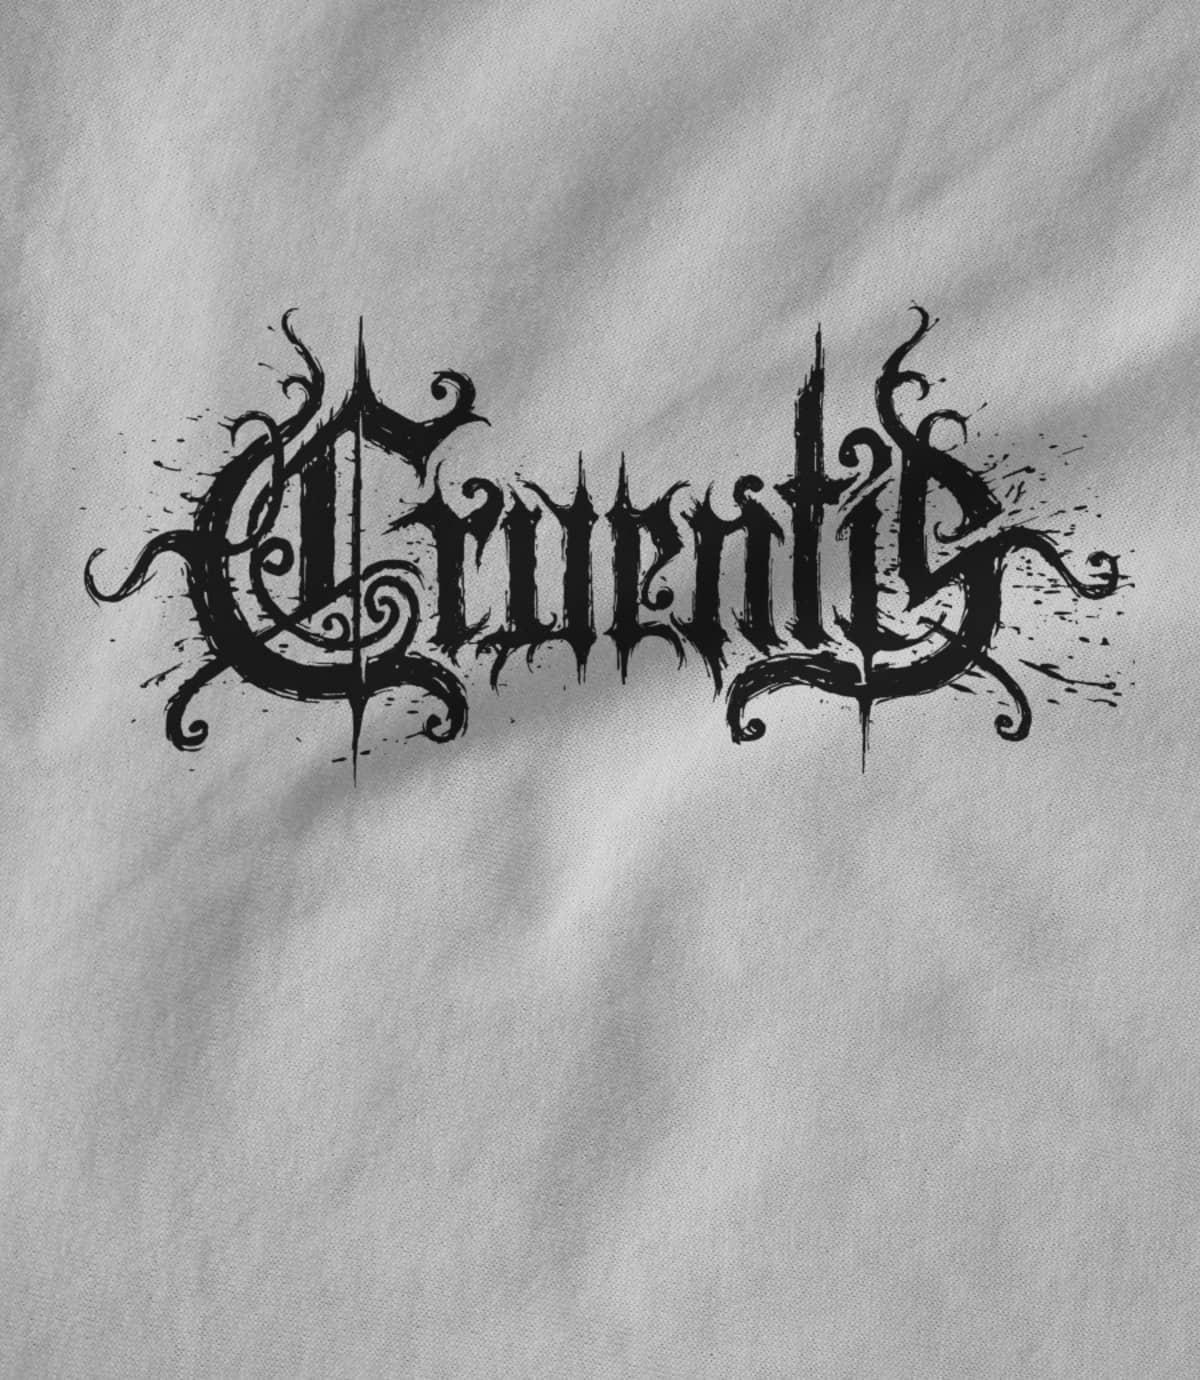 Cruentis